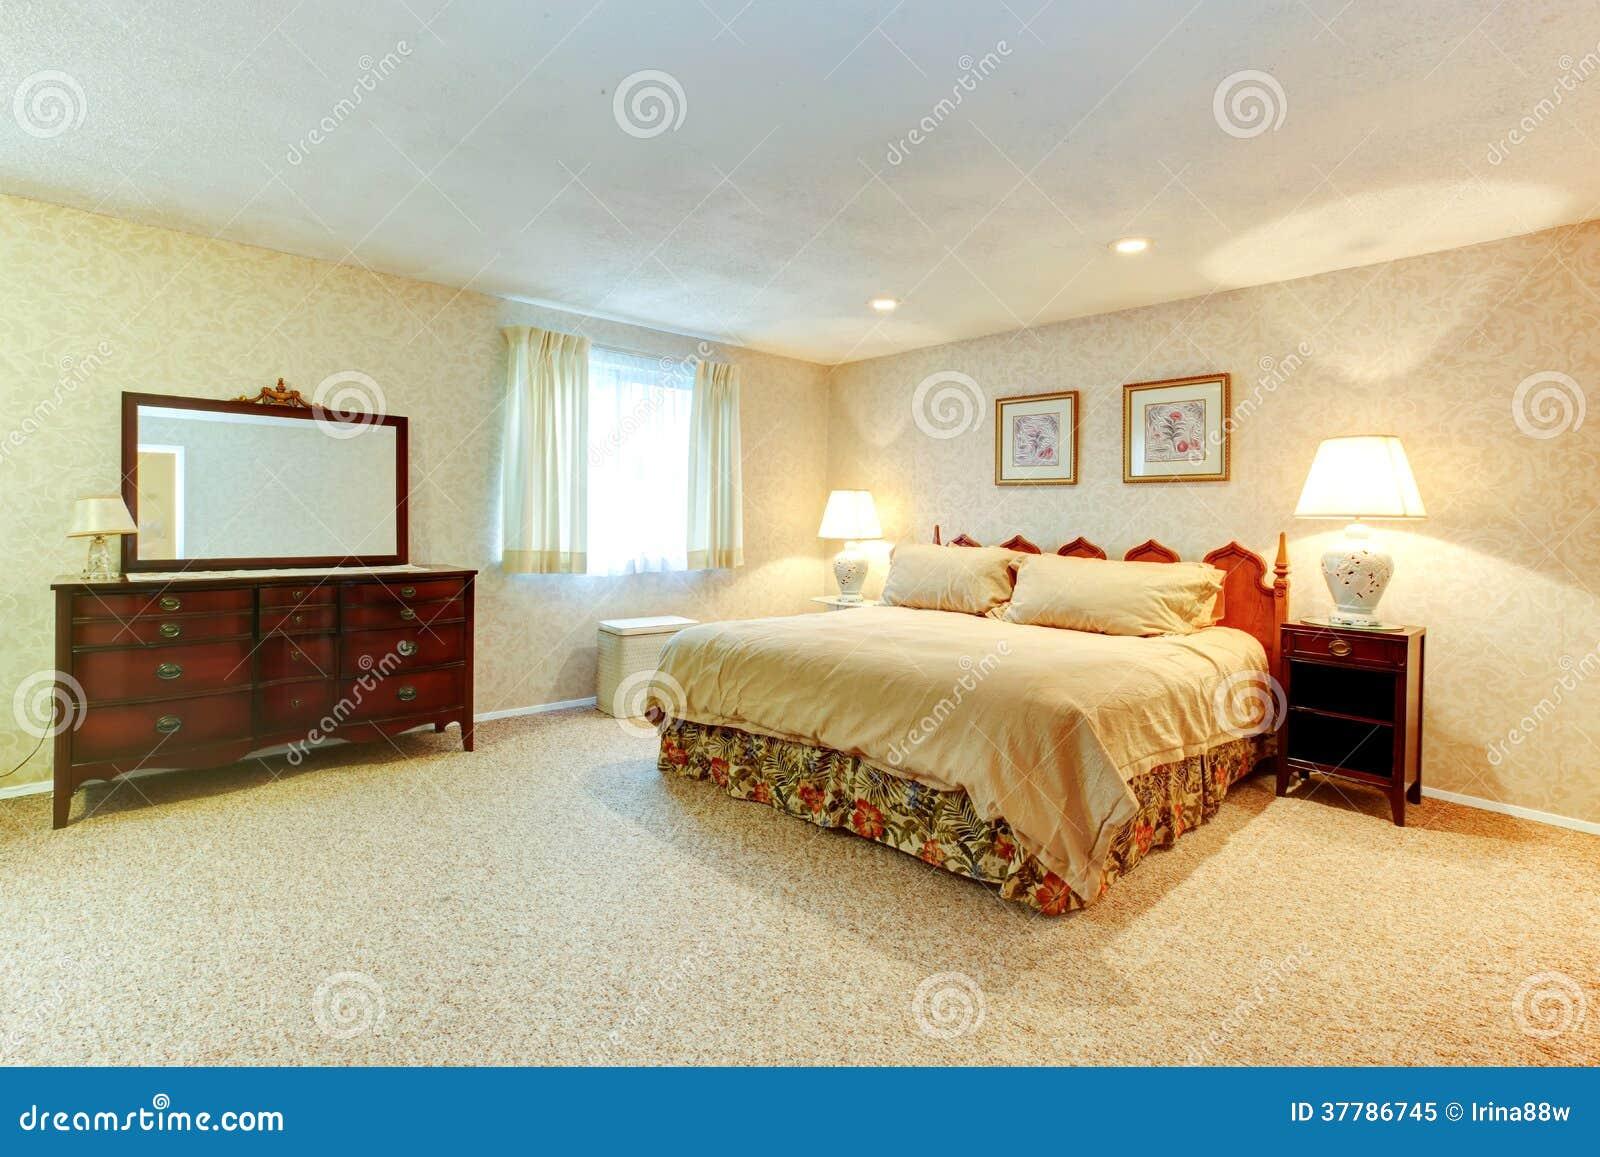 Dormitorio suave de los colores con muebles antiguos foto for Muebles de dormitorio antiguos